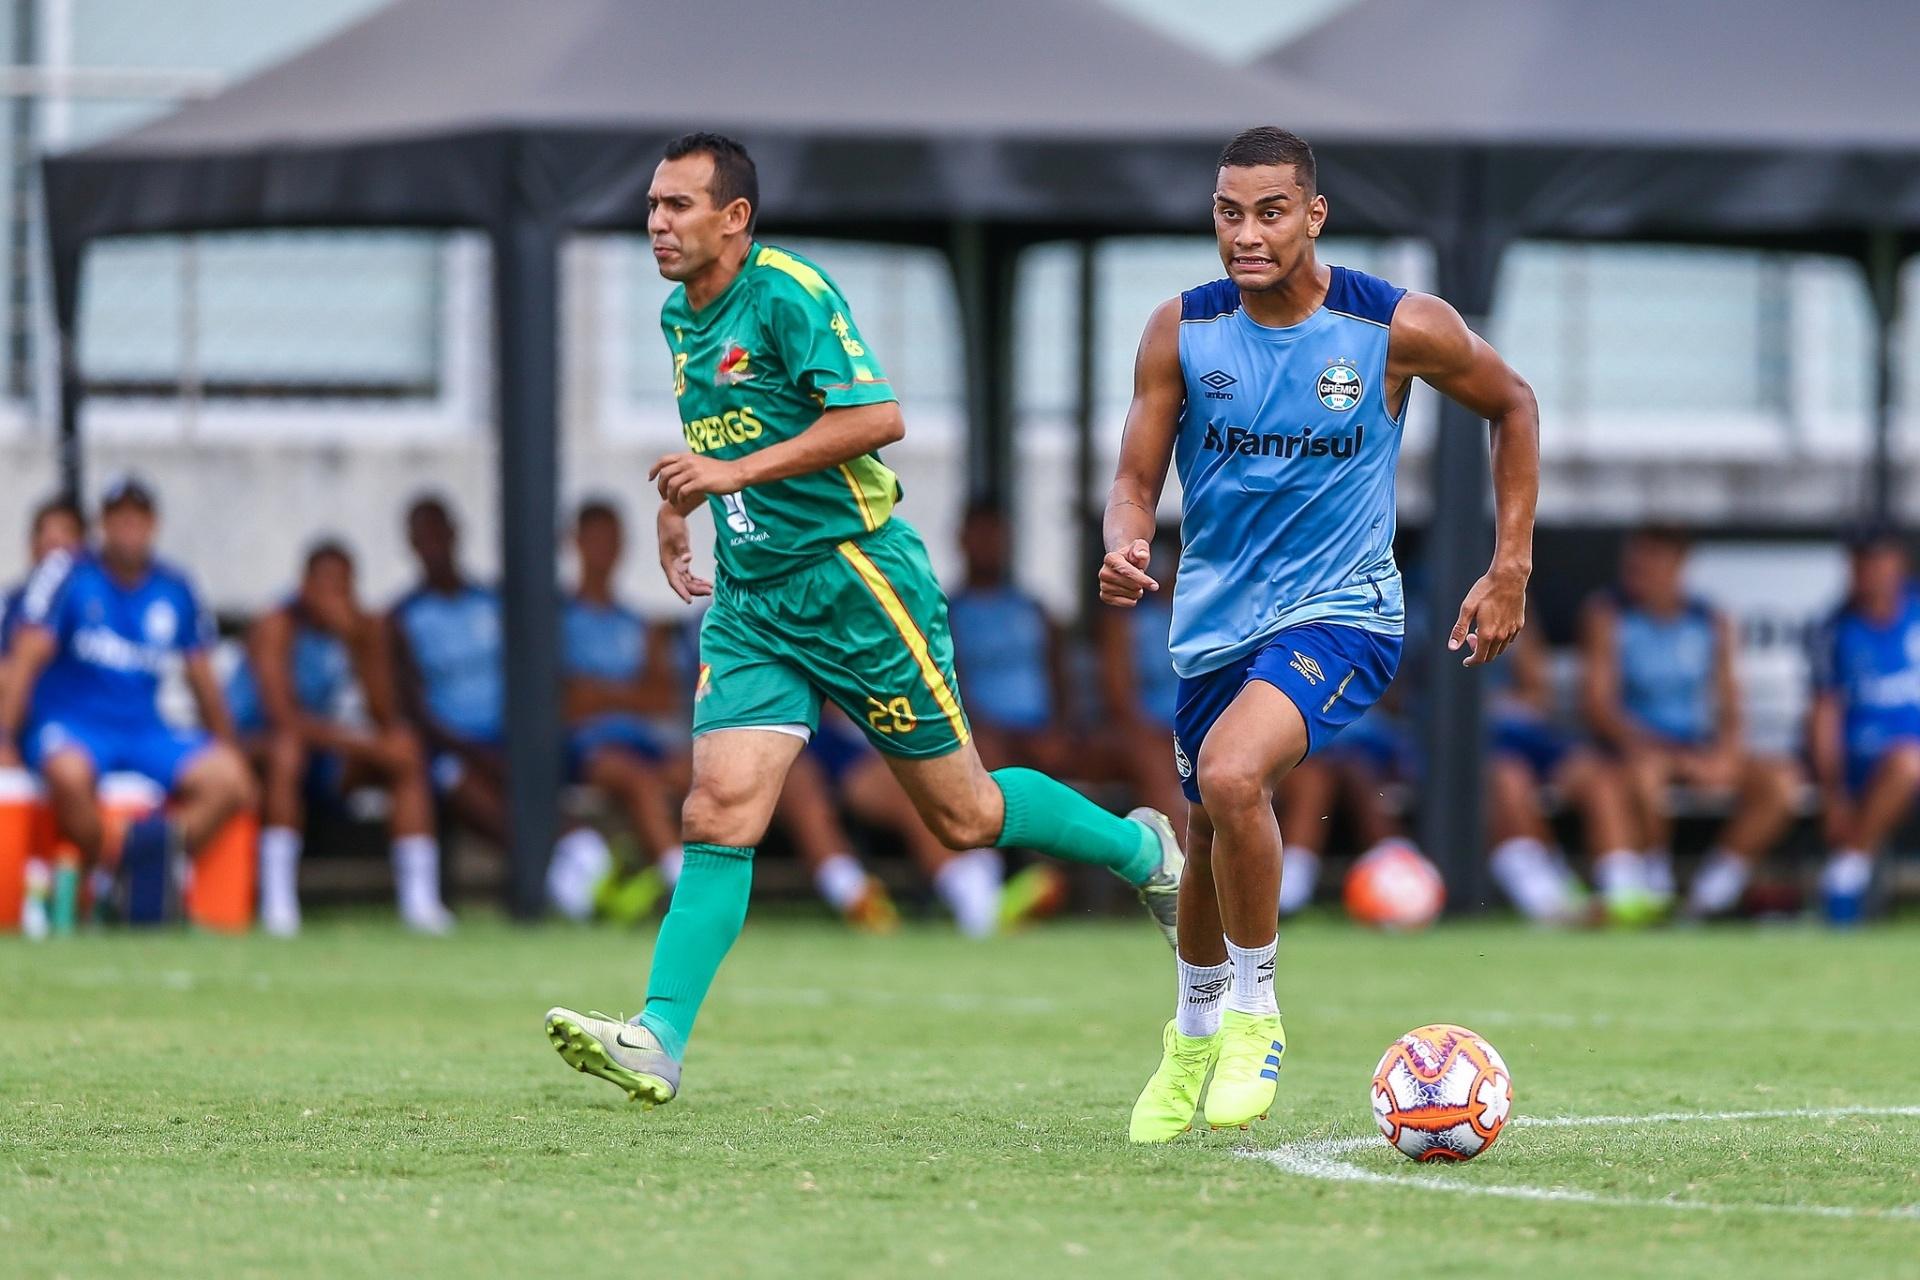 Grêmio vence jogo-treino com quatro gols de Thonny Anderson - 17 01 2019 -  UOL Esporte ec1bf256fd4c8